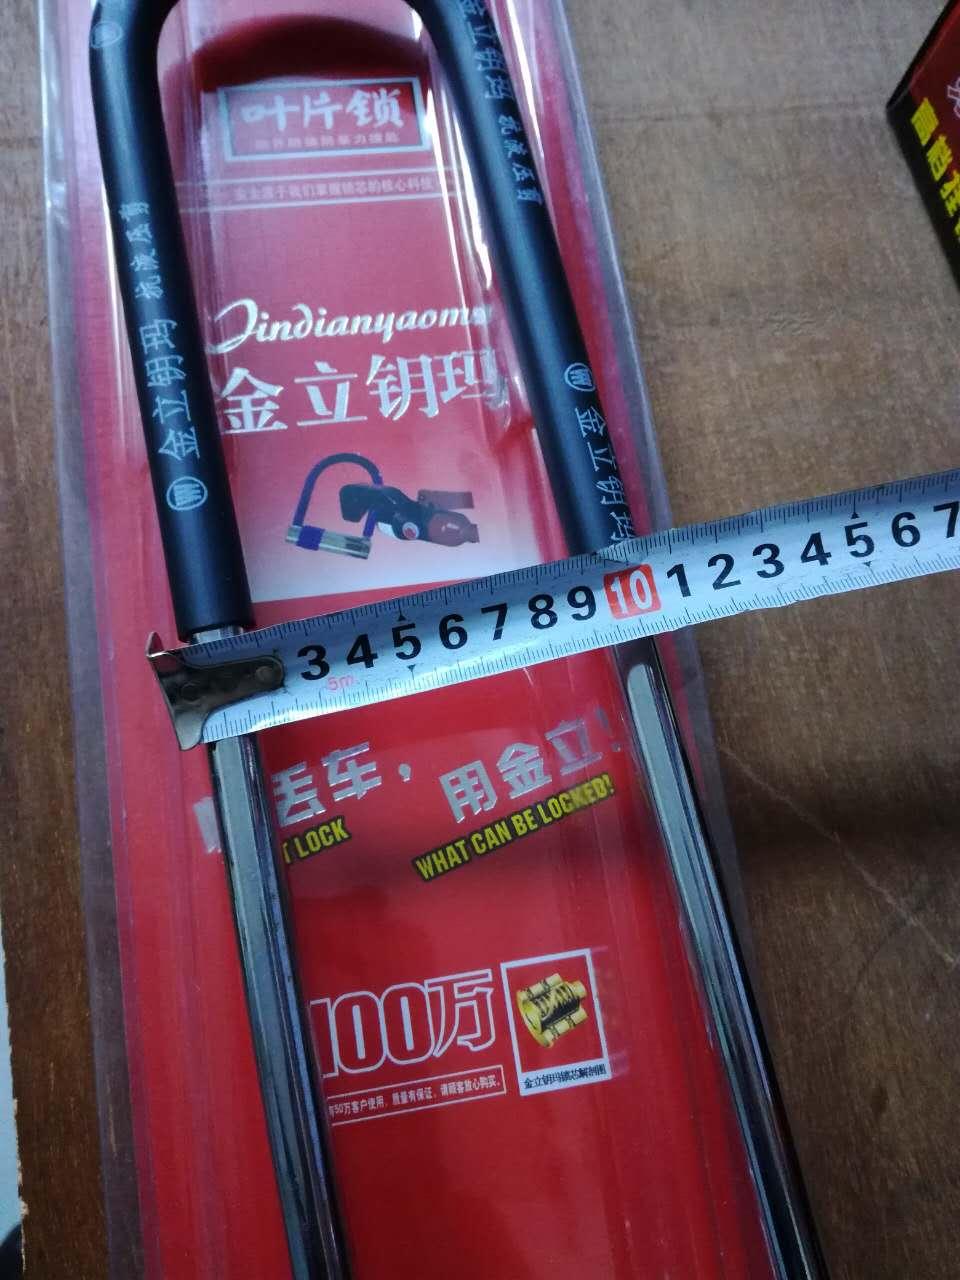 jin 钥玛 butik lås, glas, lås, dobbelt dobbelt lås lås på motorcykel længe u - formede lås. lås termiske a392